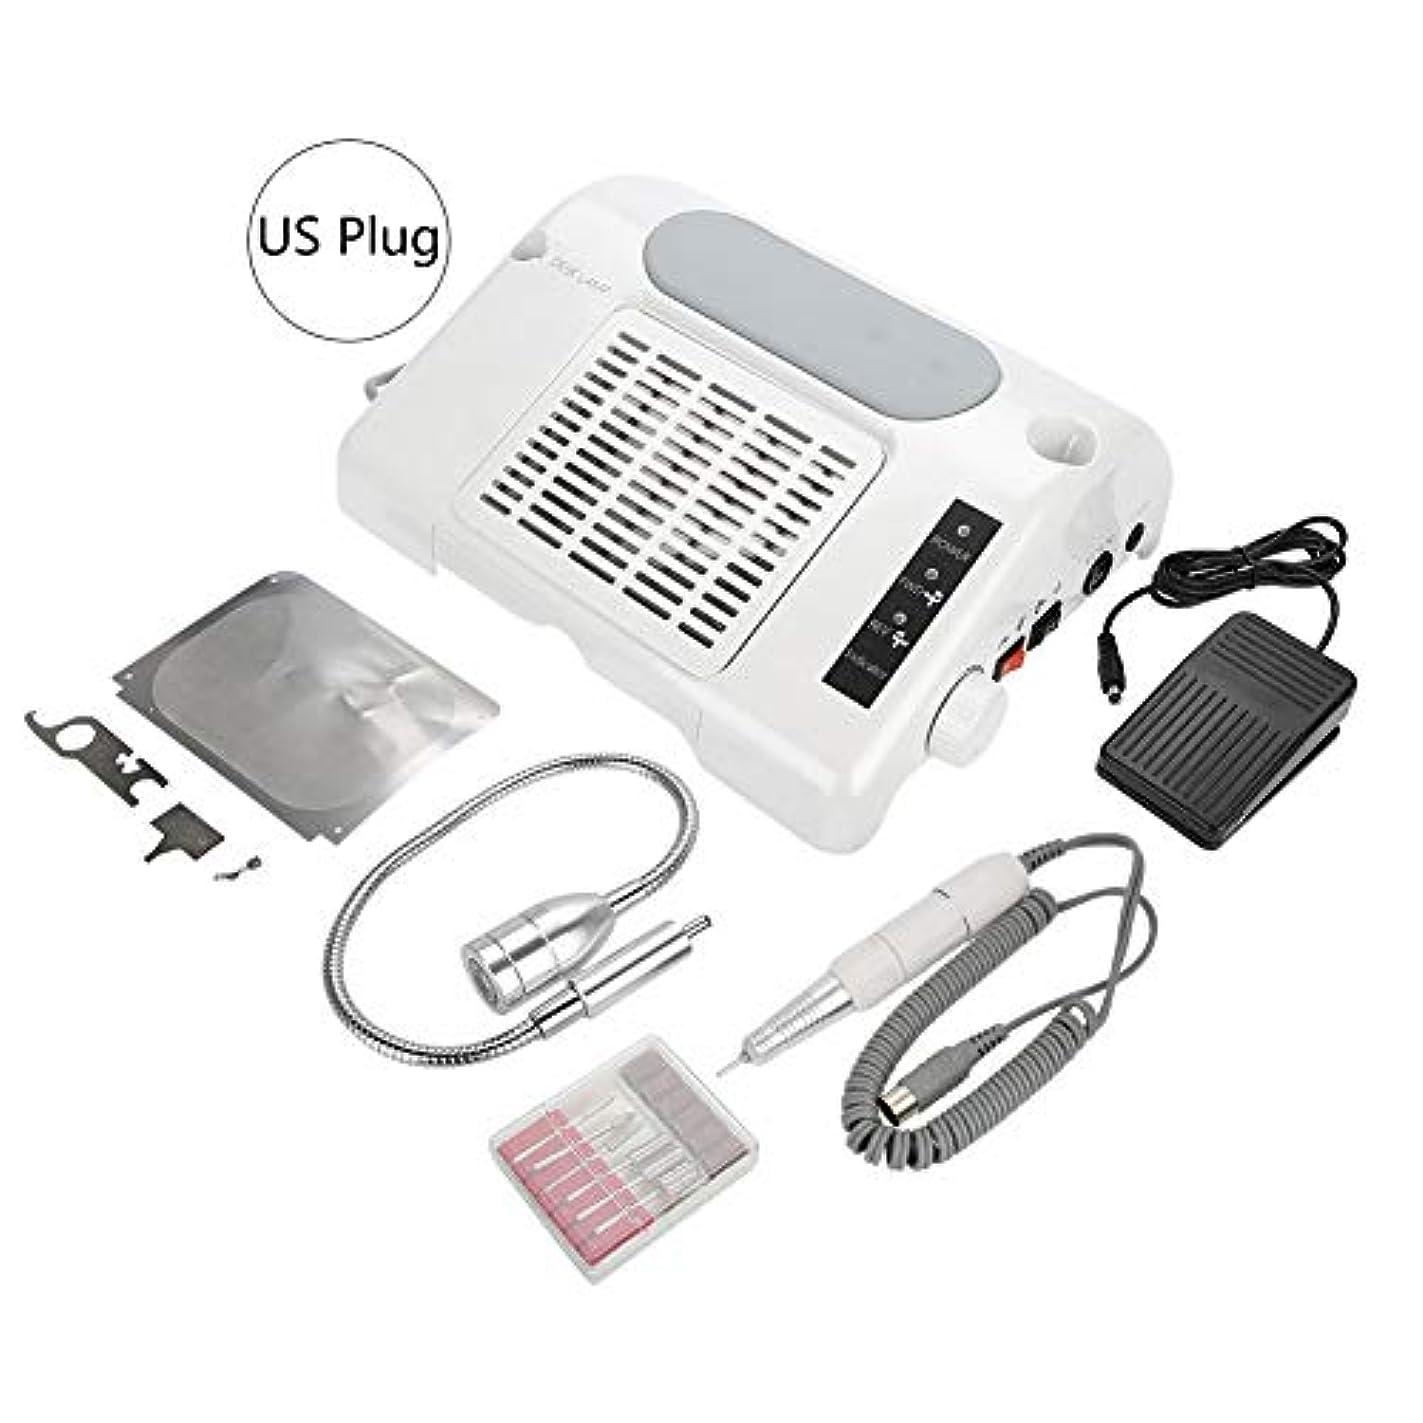 ターゲットエーカー批判YOUTHINK 3 in1 電動ネイルドリル 集塵機 65W ネイルポリッシュ機 35000 RPM LEDライトネイルアート機器 手動/ペダルモード LCD表示(USプラグ)